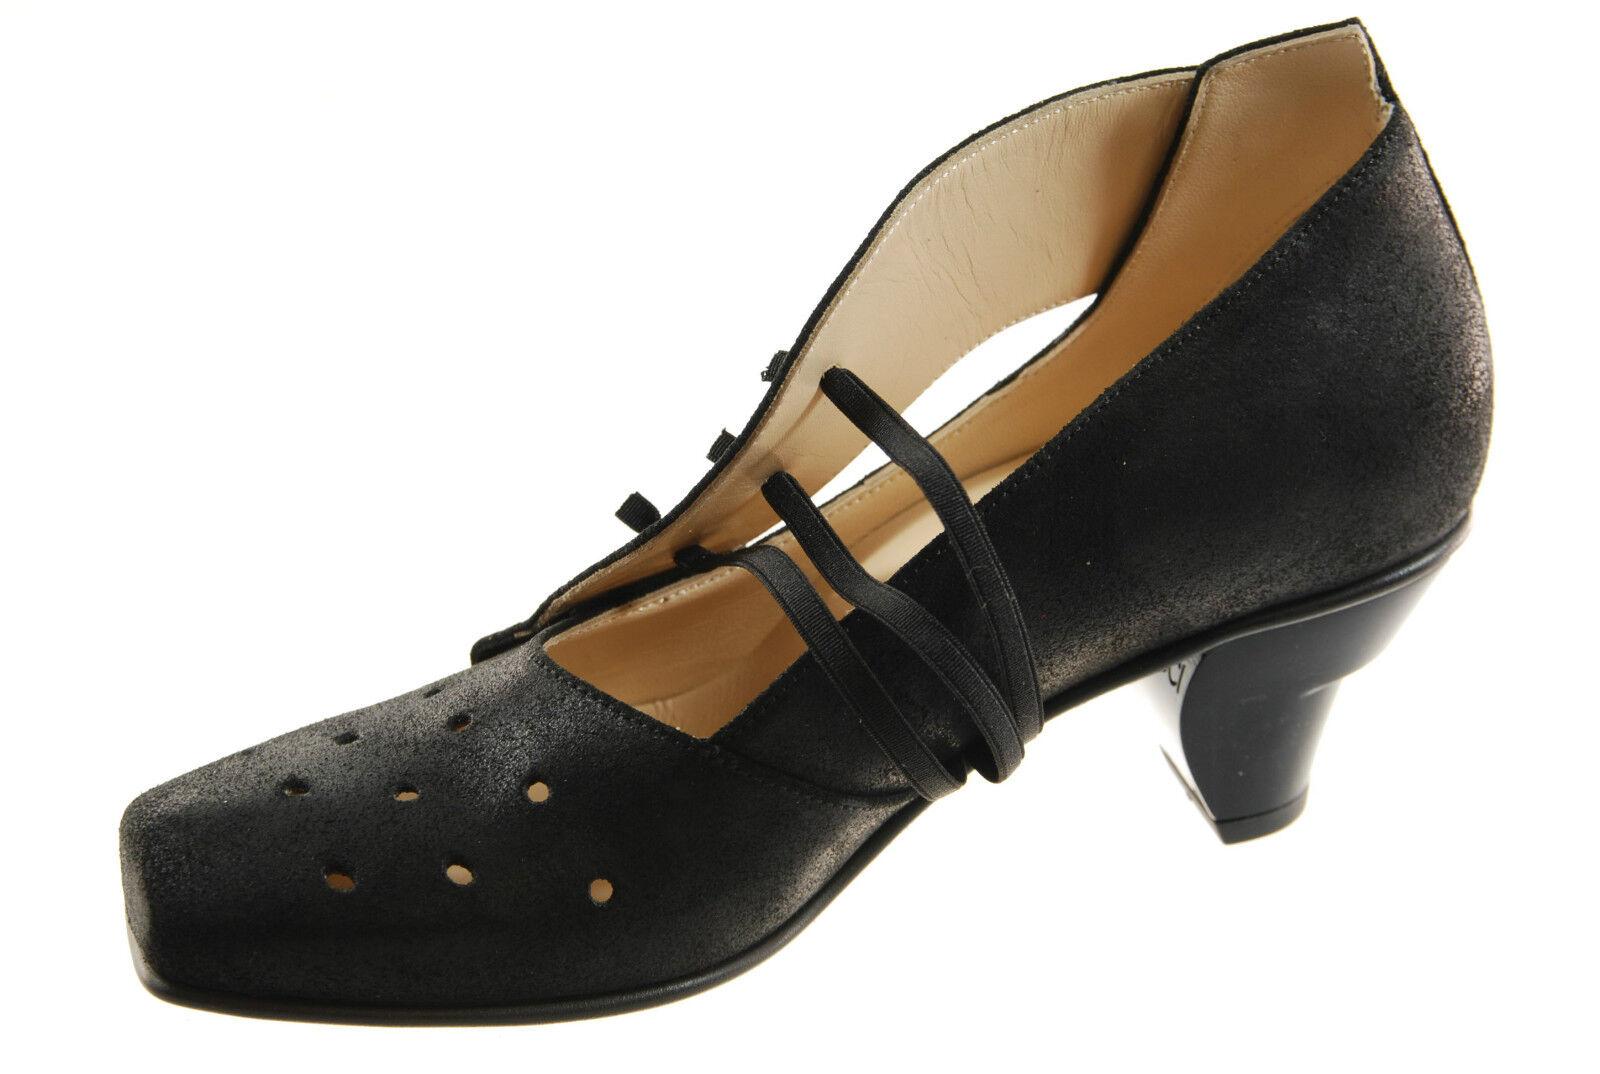 LISA TUCCI Zapatos de mujer tacón tacón tacón Texel Negro Nerón verde Cuero sandalias  precio mas barato